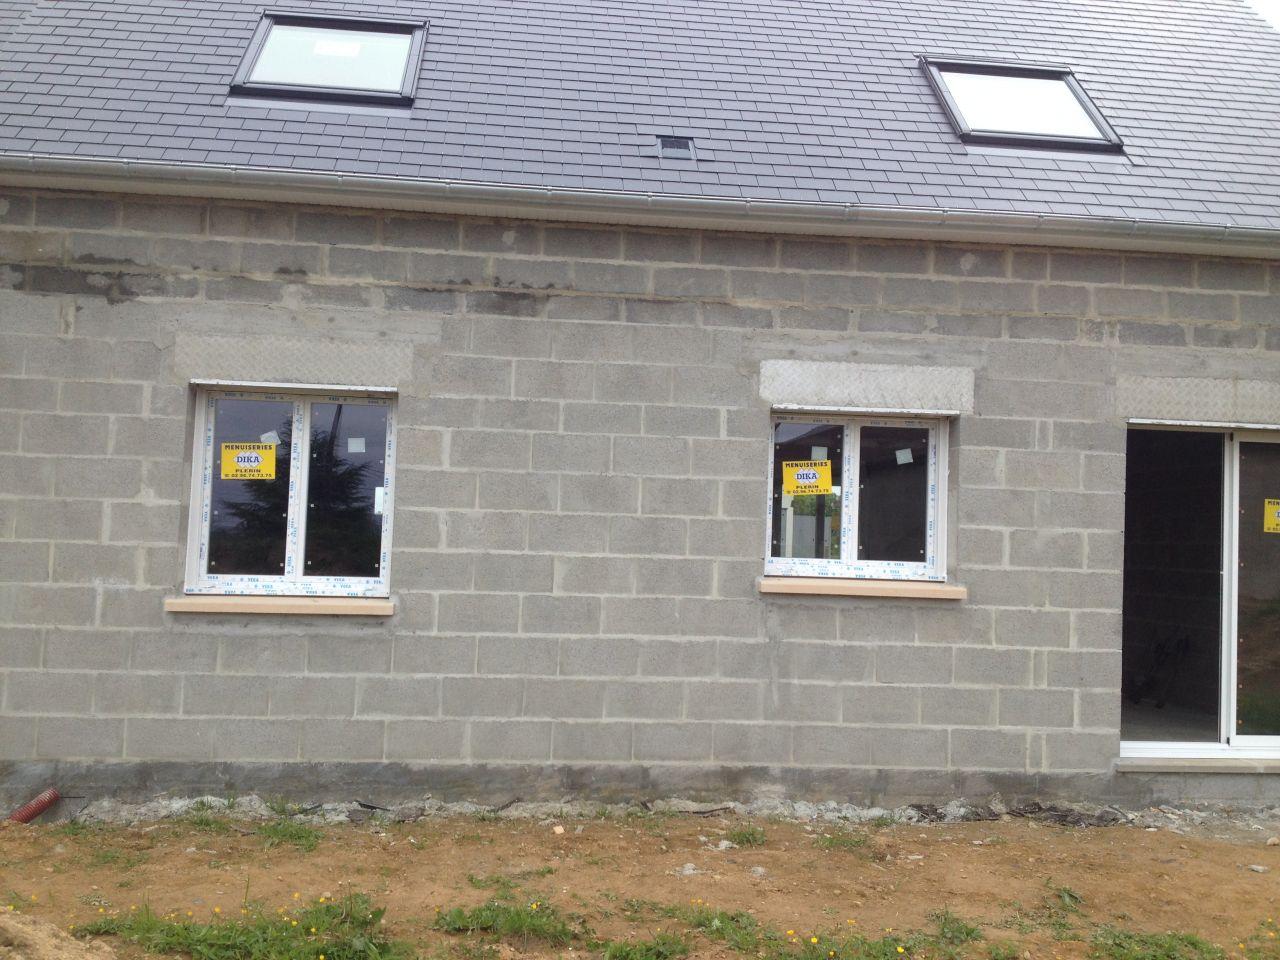 Prix M2 Hors D Eau Hors D Air intérieur assurance maison hors d eau hors d air - conceptions de la maison